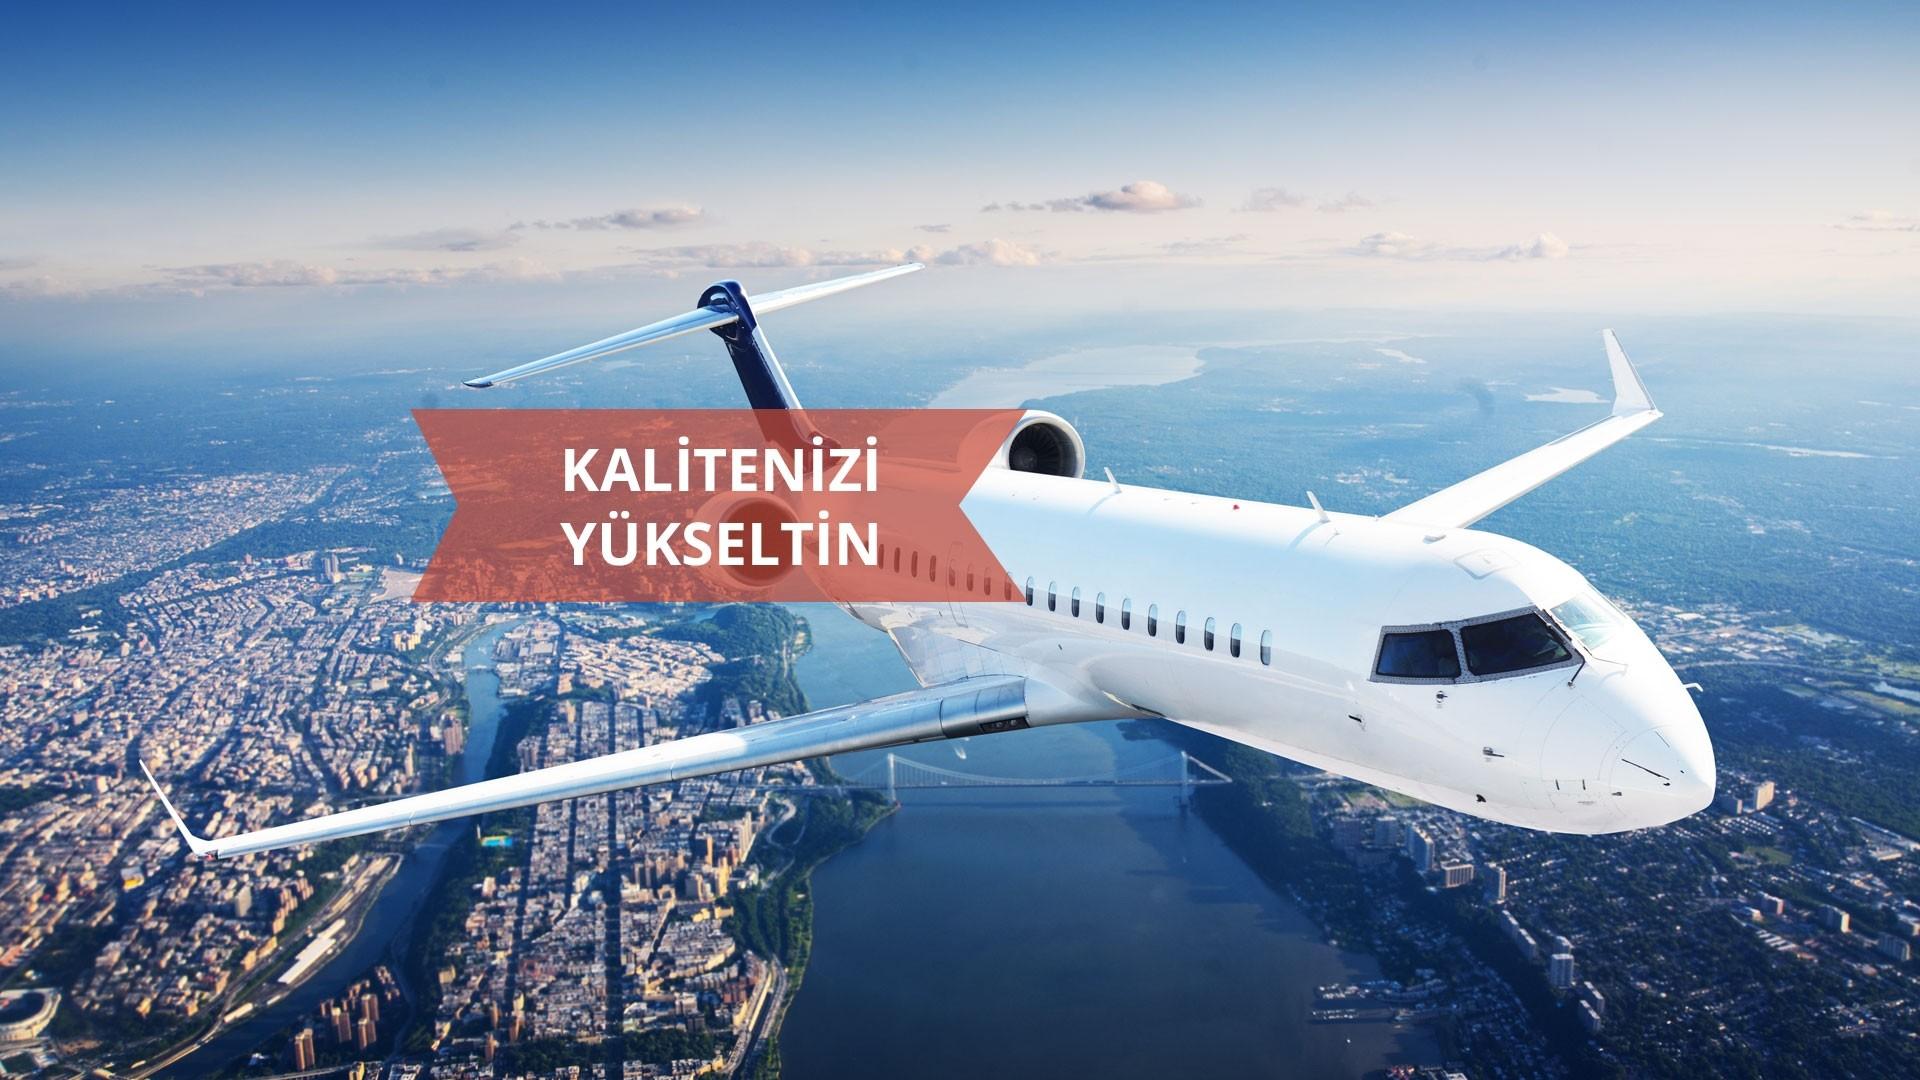 Uçak Kiralama Fiyatları